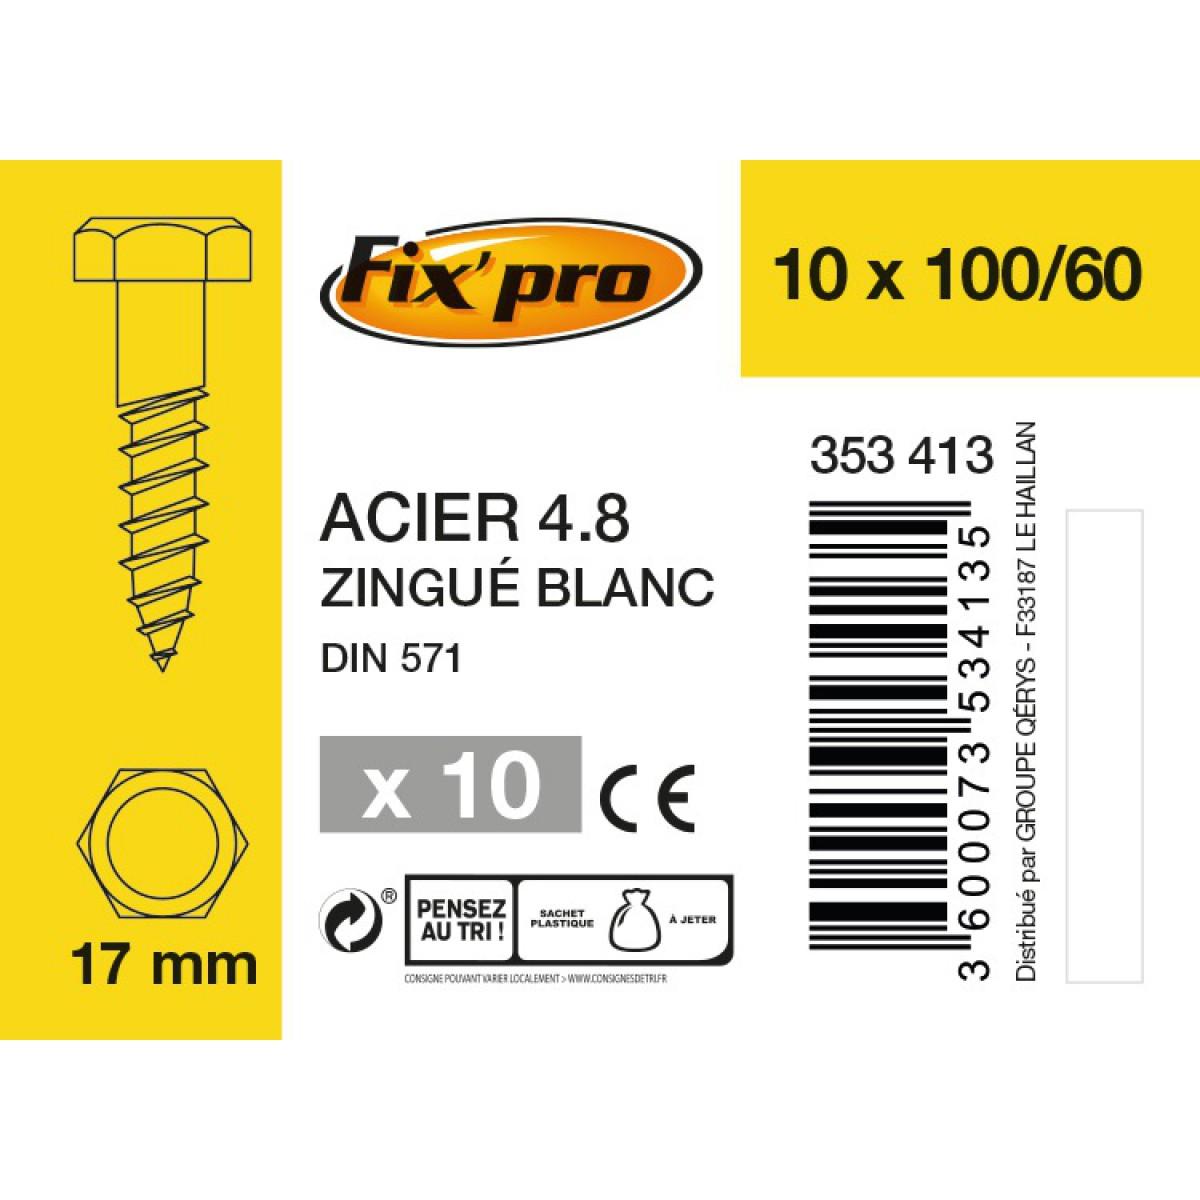 Tirefond tête hexagonale acier zingué - 10x100/60 - 10pces - Fixpro